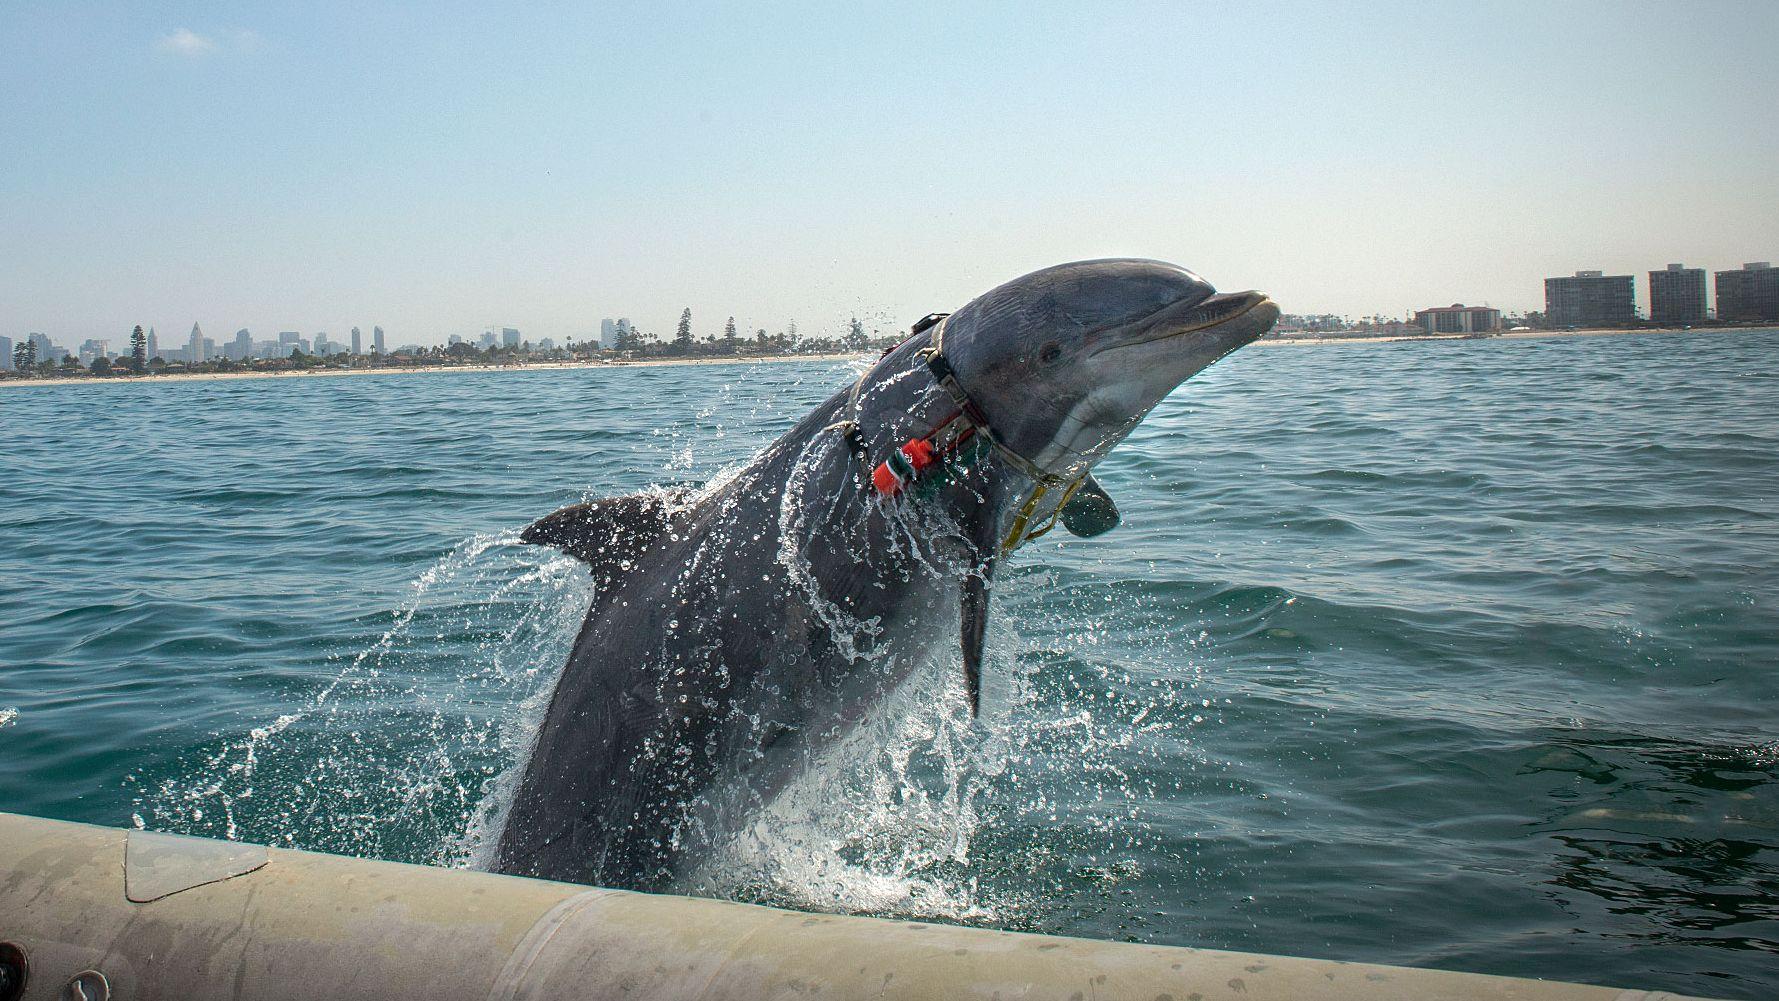 最高性能のソナーをしのぐ、「軍用イルカ」の知られざる歴史